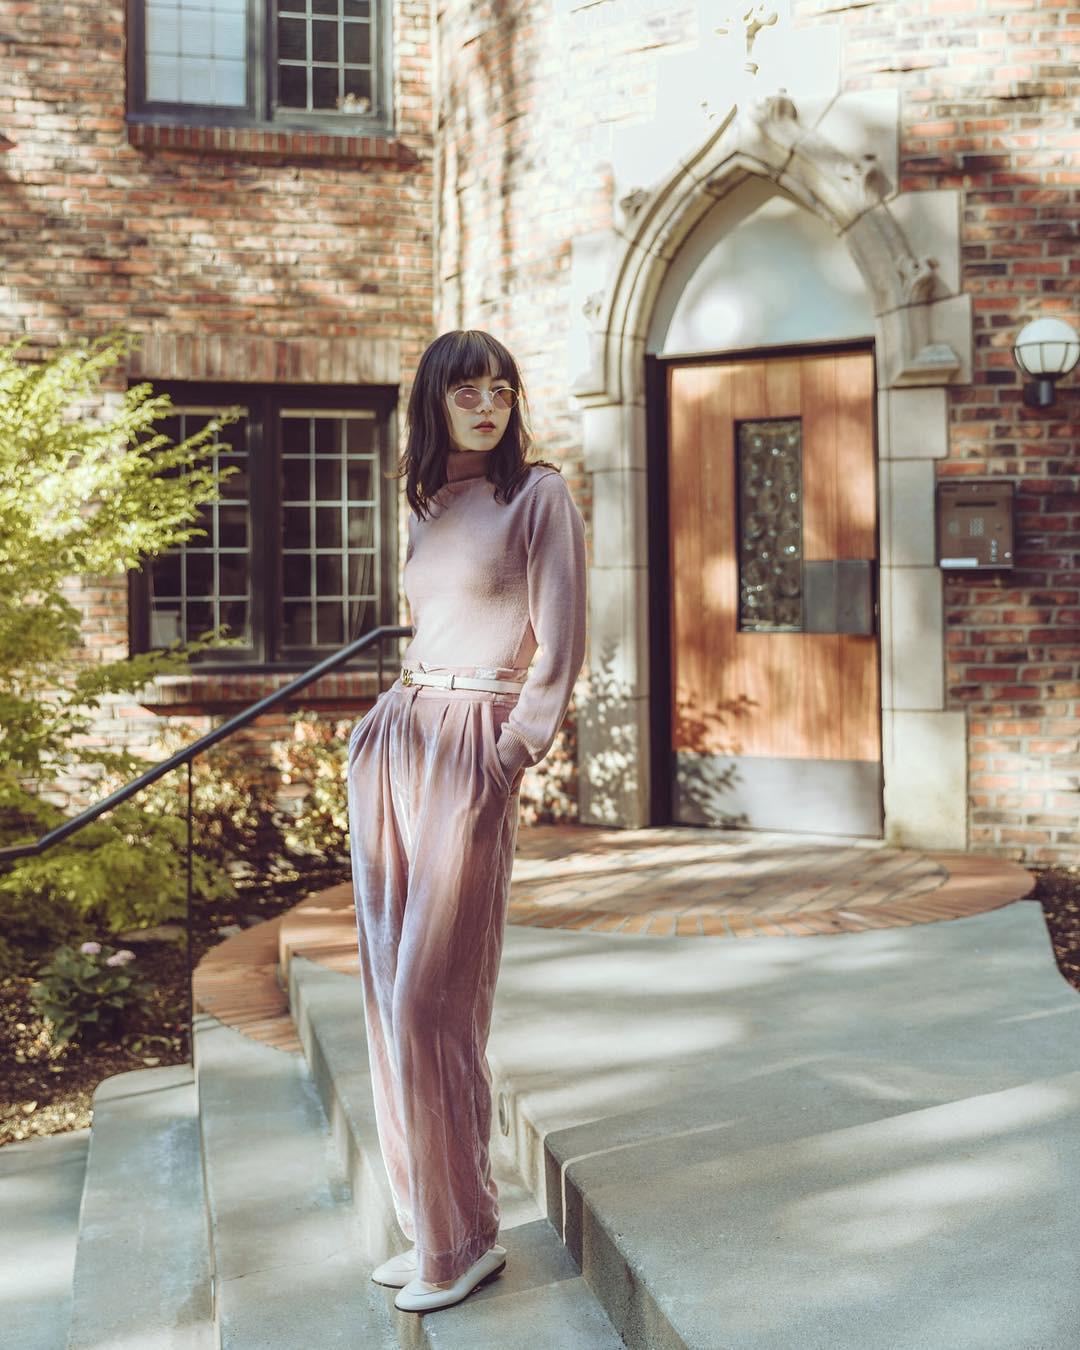 Chẳng thể diện váy vóc thường xuyên vào mùa lạnh thì các nàng công sở đã có 4 mẫu quần chuẩn thanh lịch này - 4